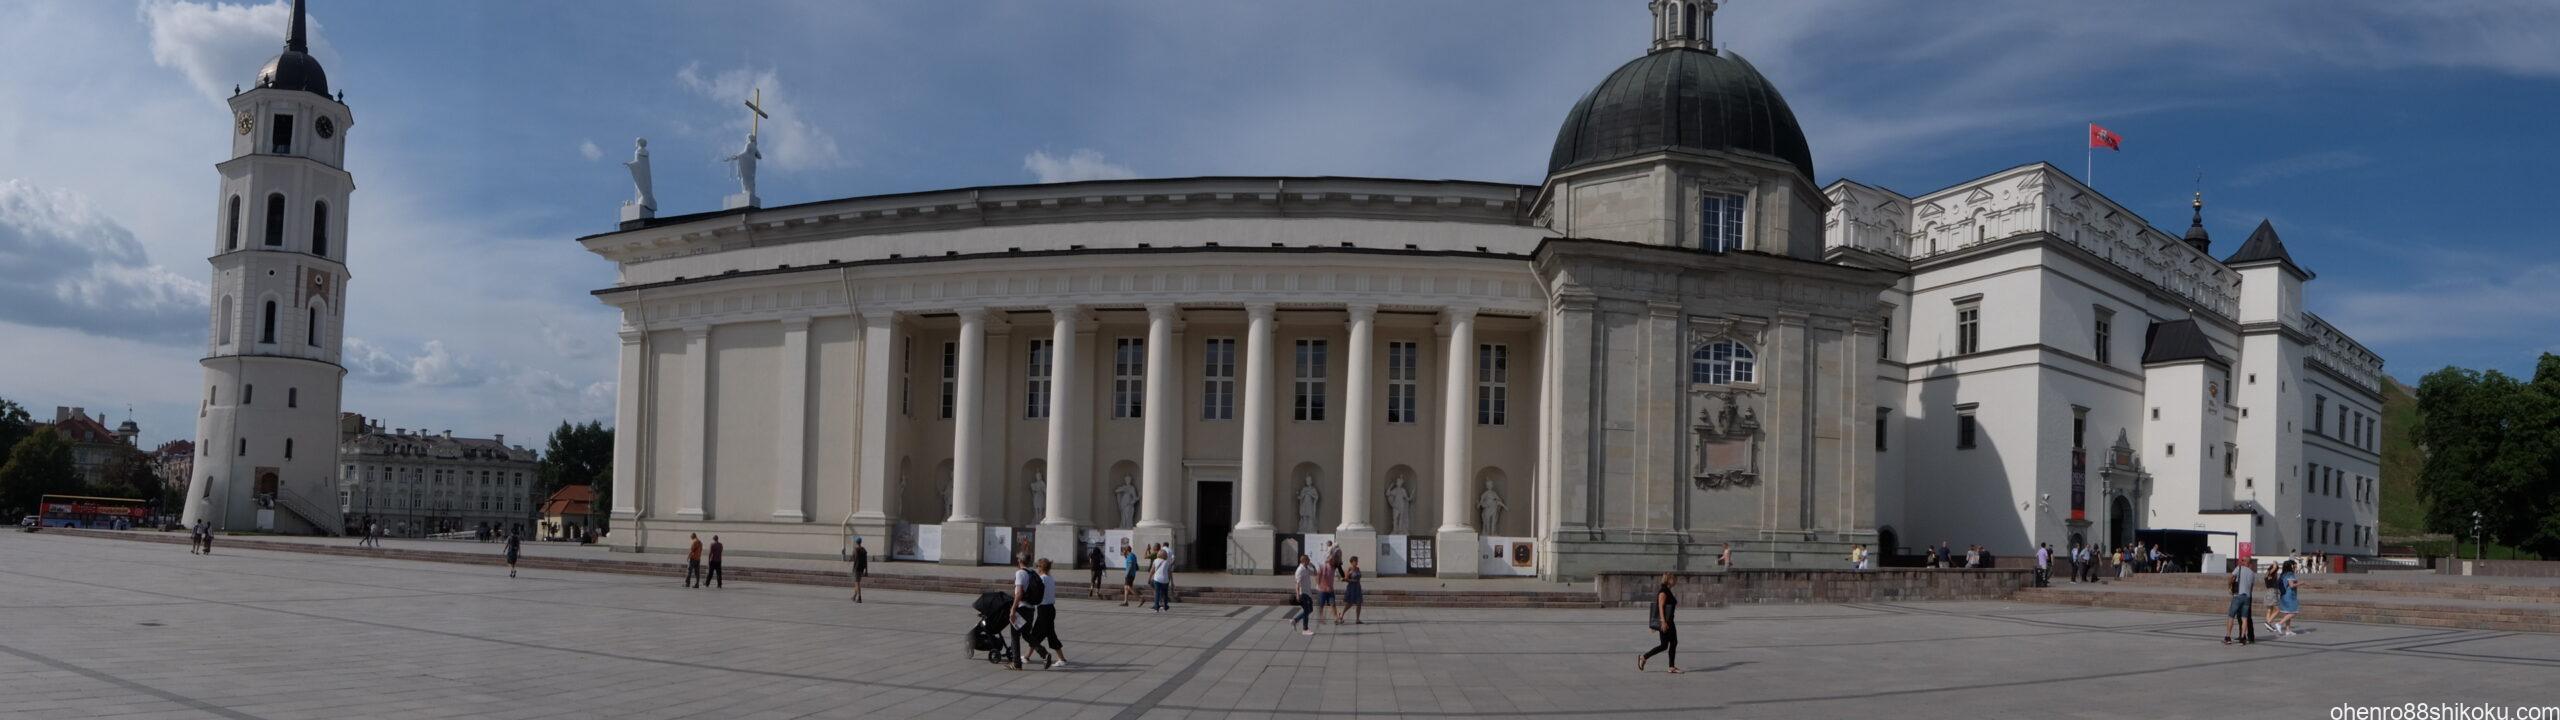 ビリニュス大聖堂